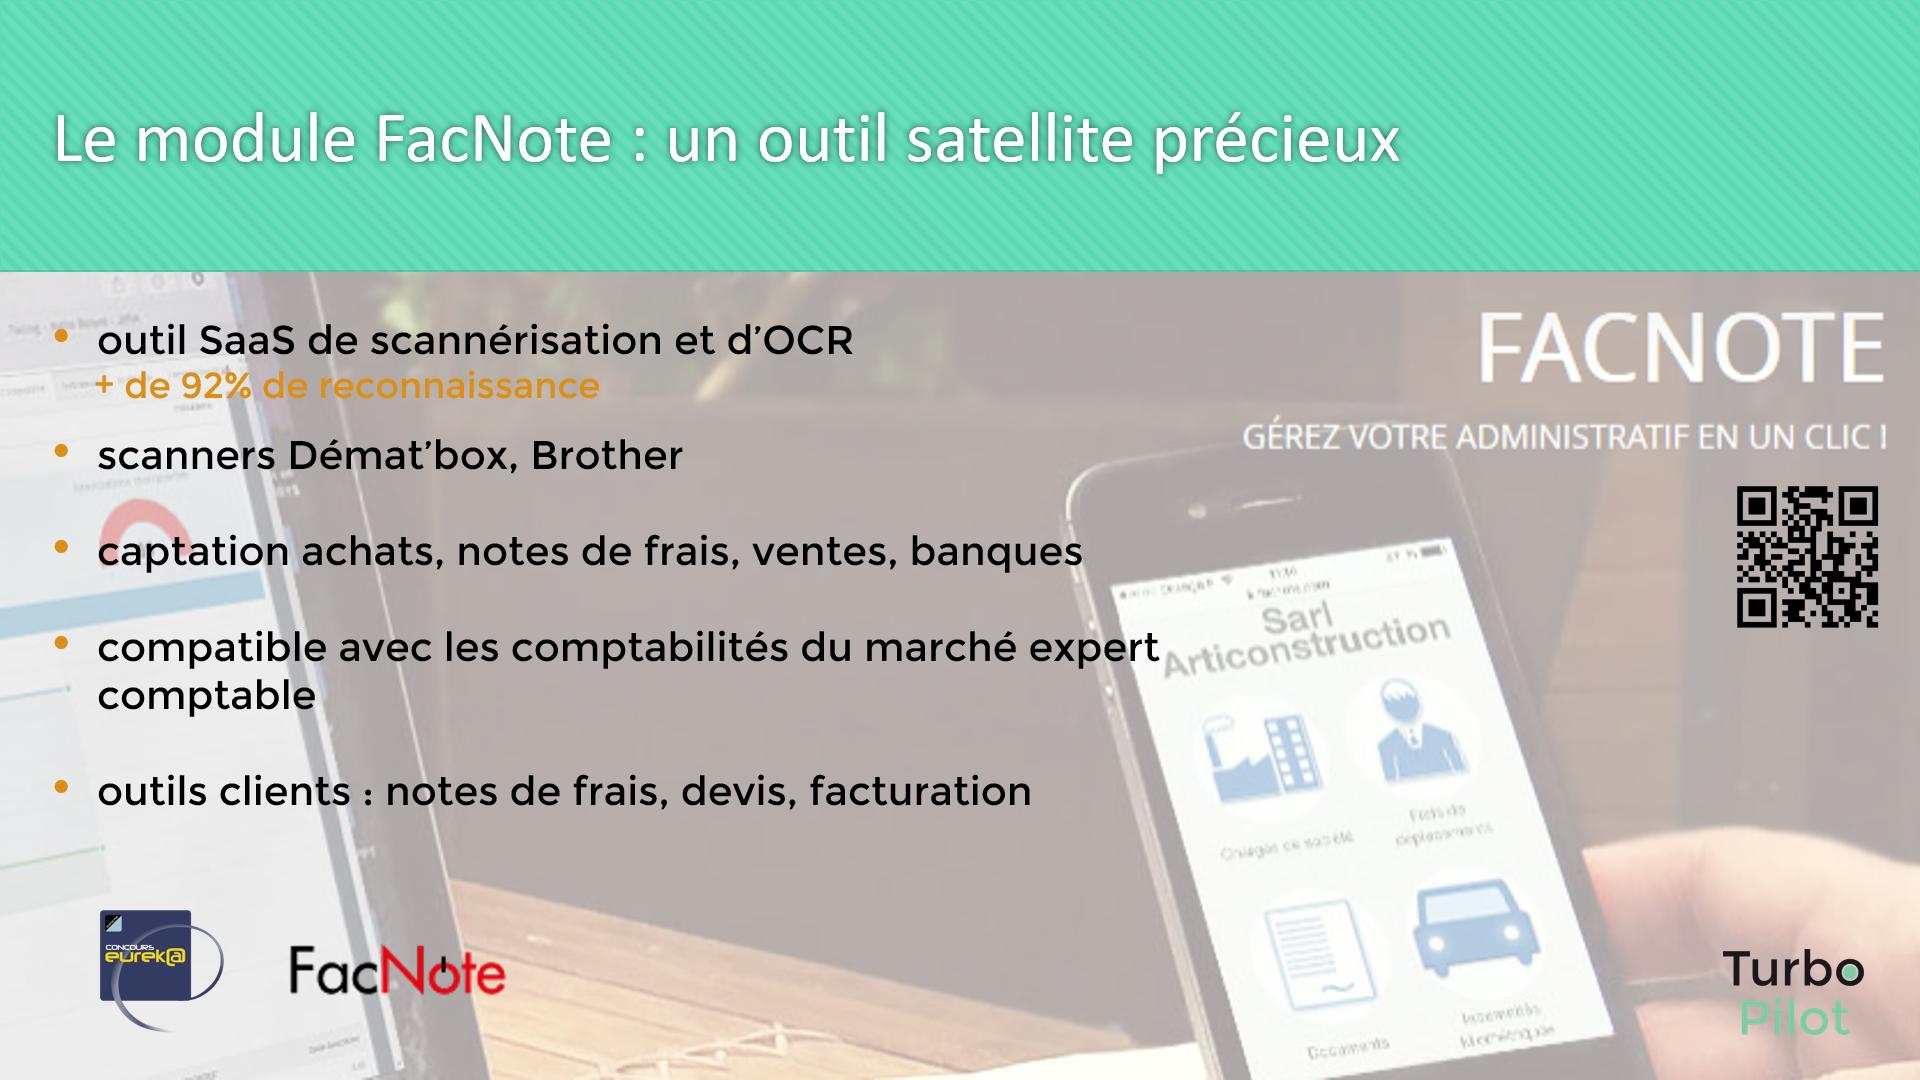 Le module Facnote